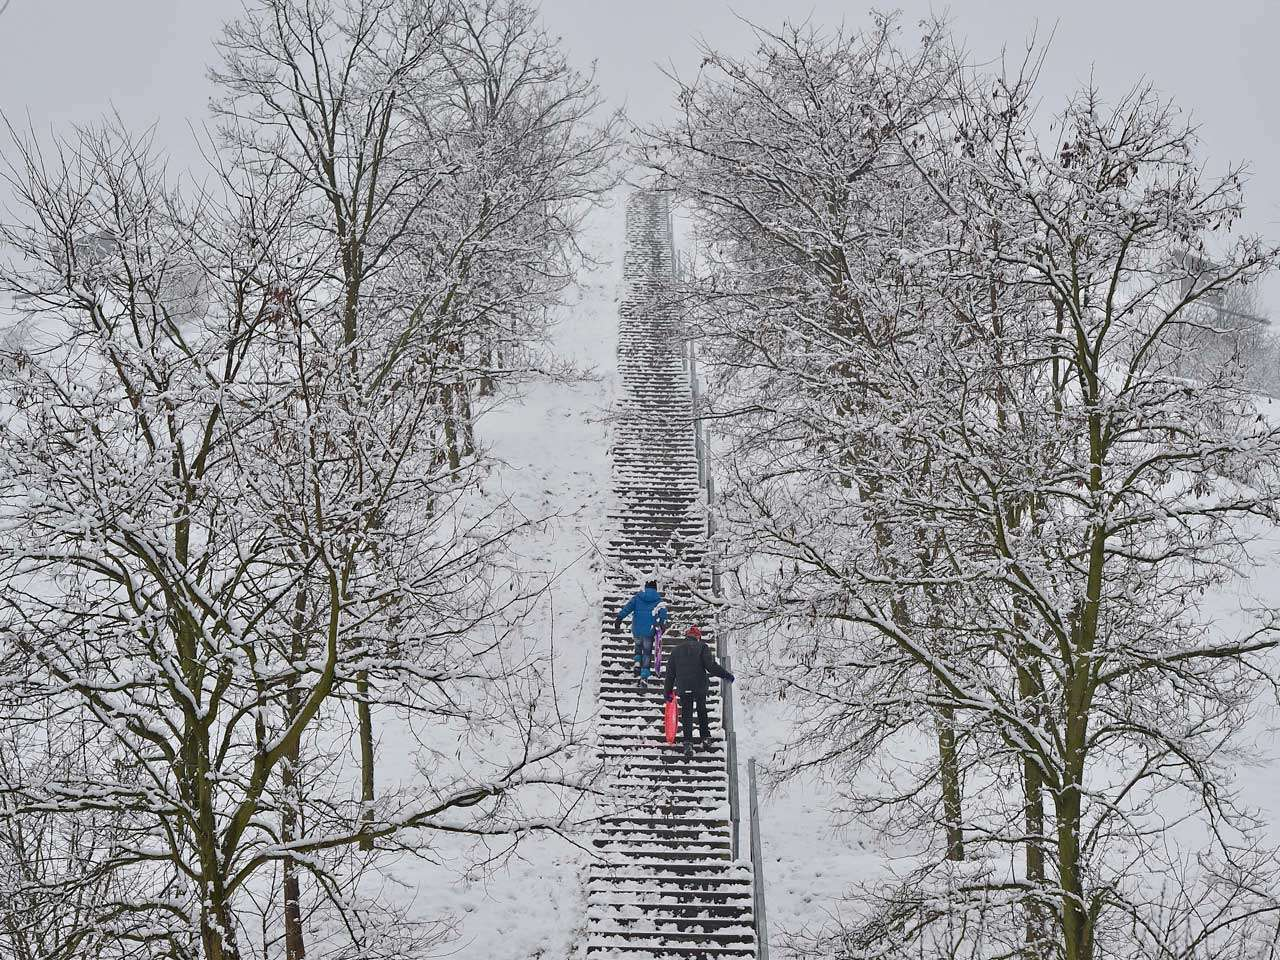 Niños cargan trineos en un idílico paraíso invernal que azotó el oeste de Alemania, 24 de enero de 2015. Foto: AP en español